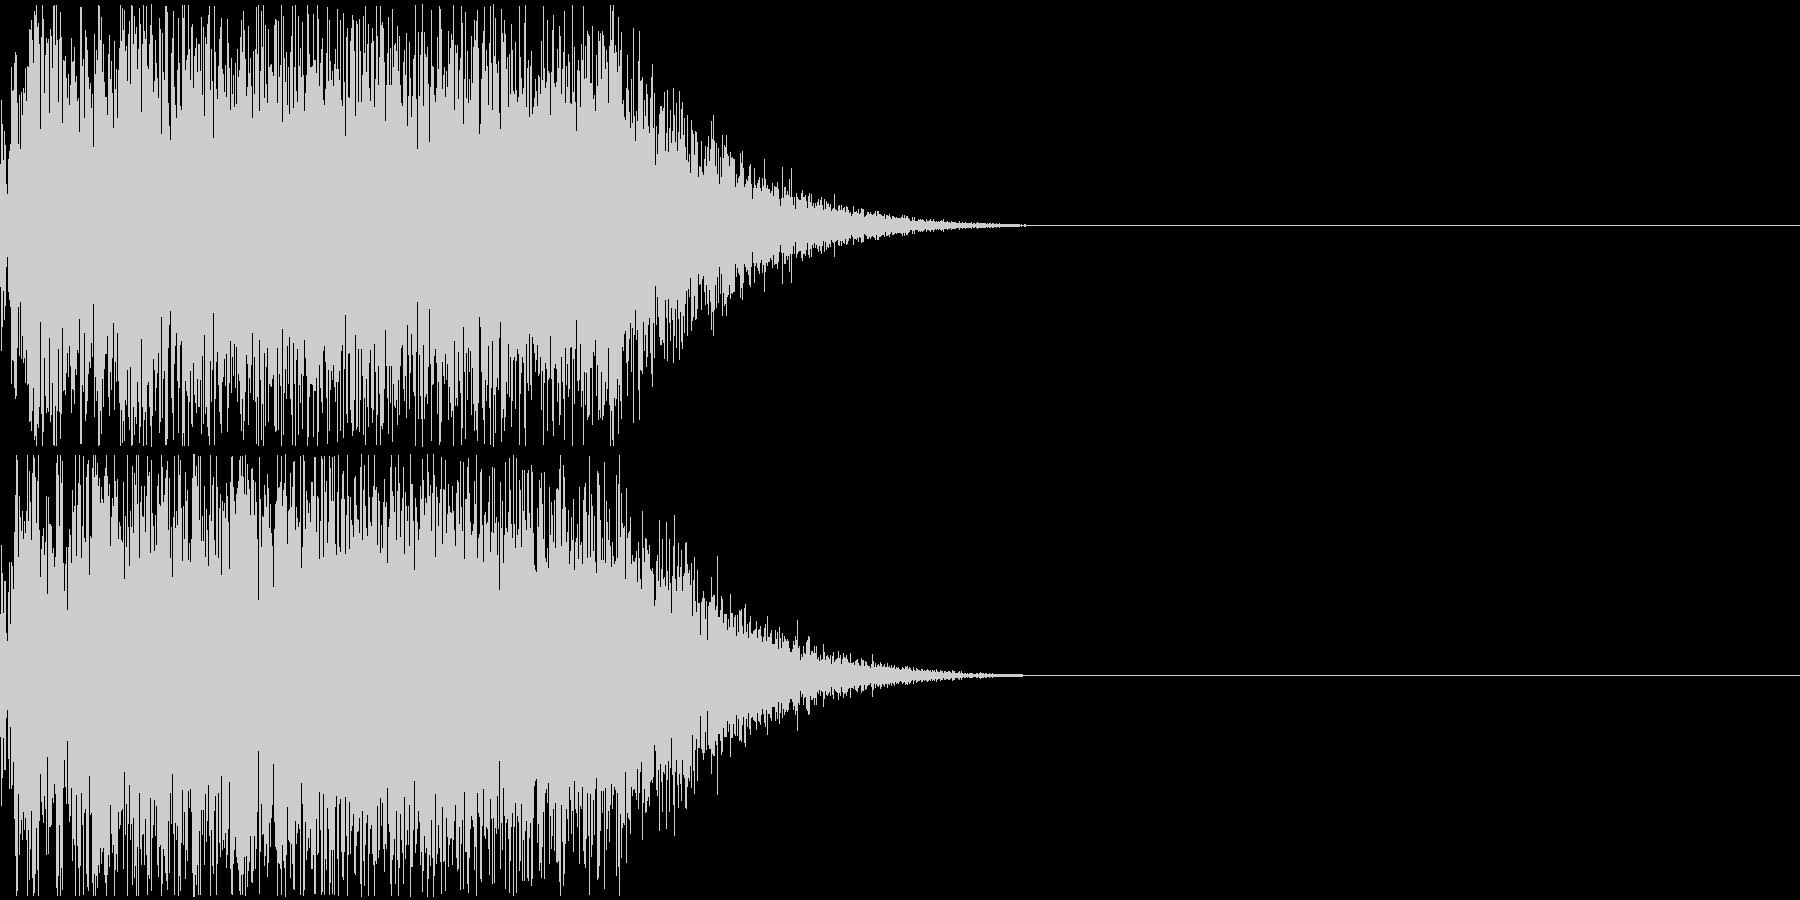 FX・SE/シンプルなドラの音の未再生の波形